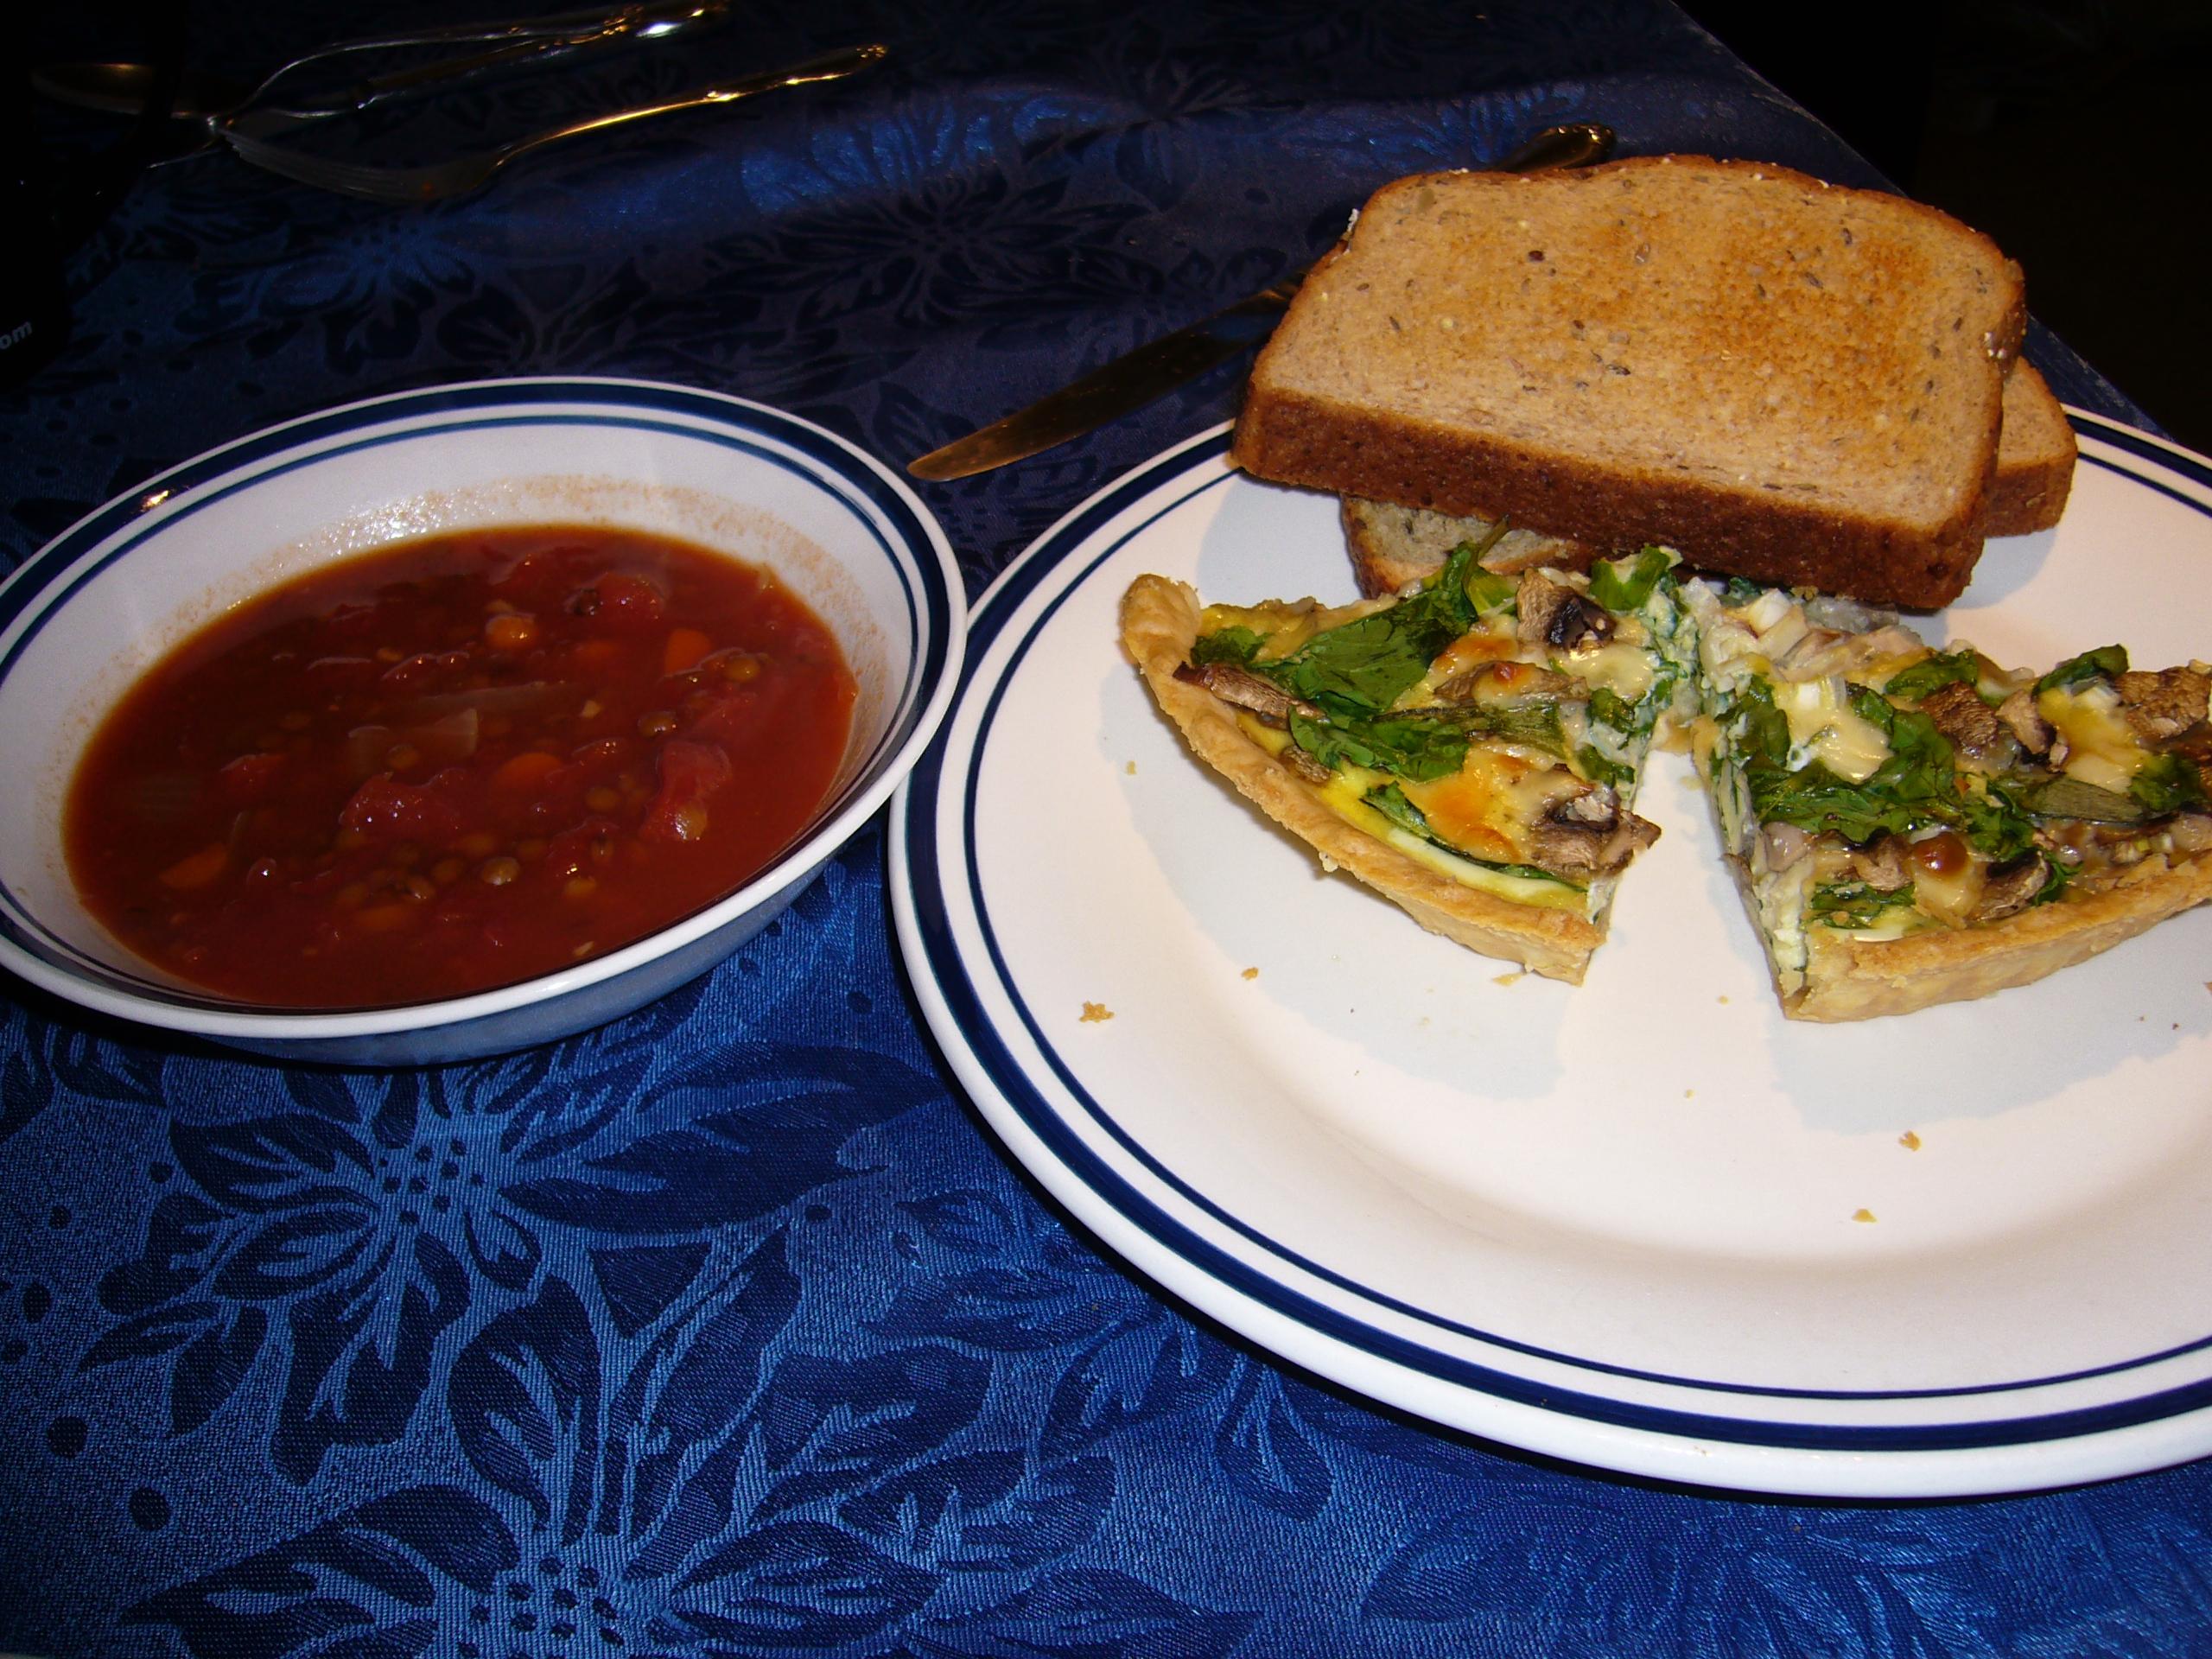 quiche and lentil soup